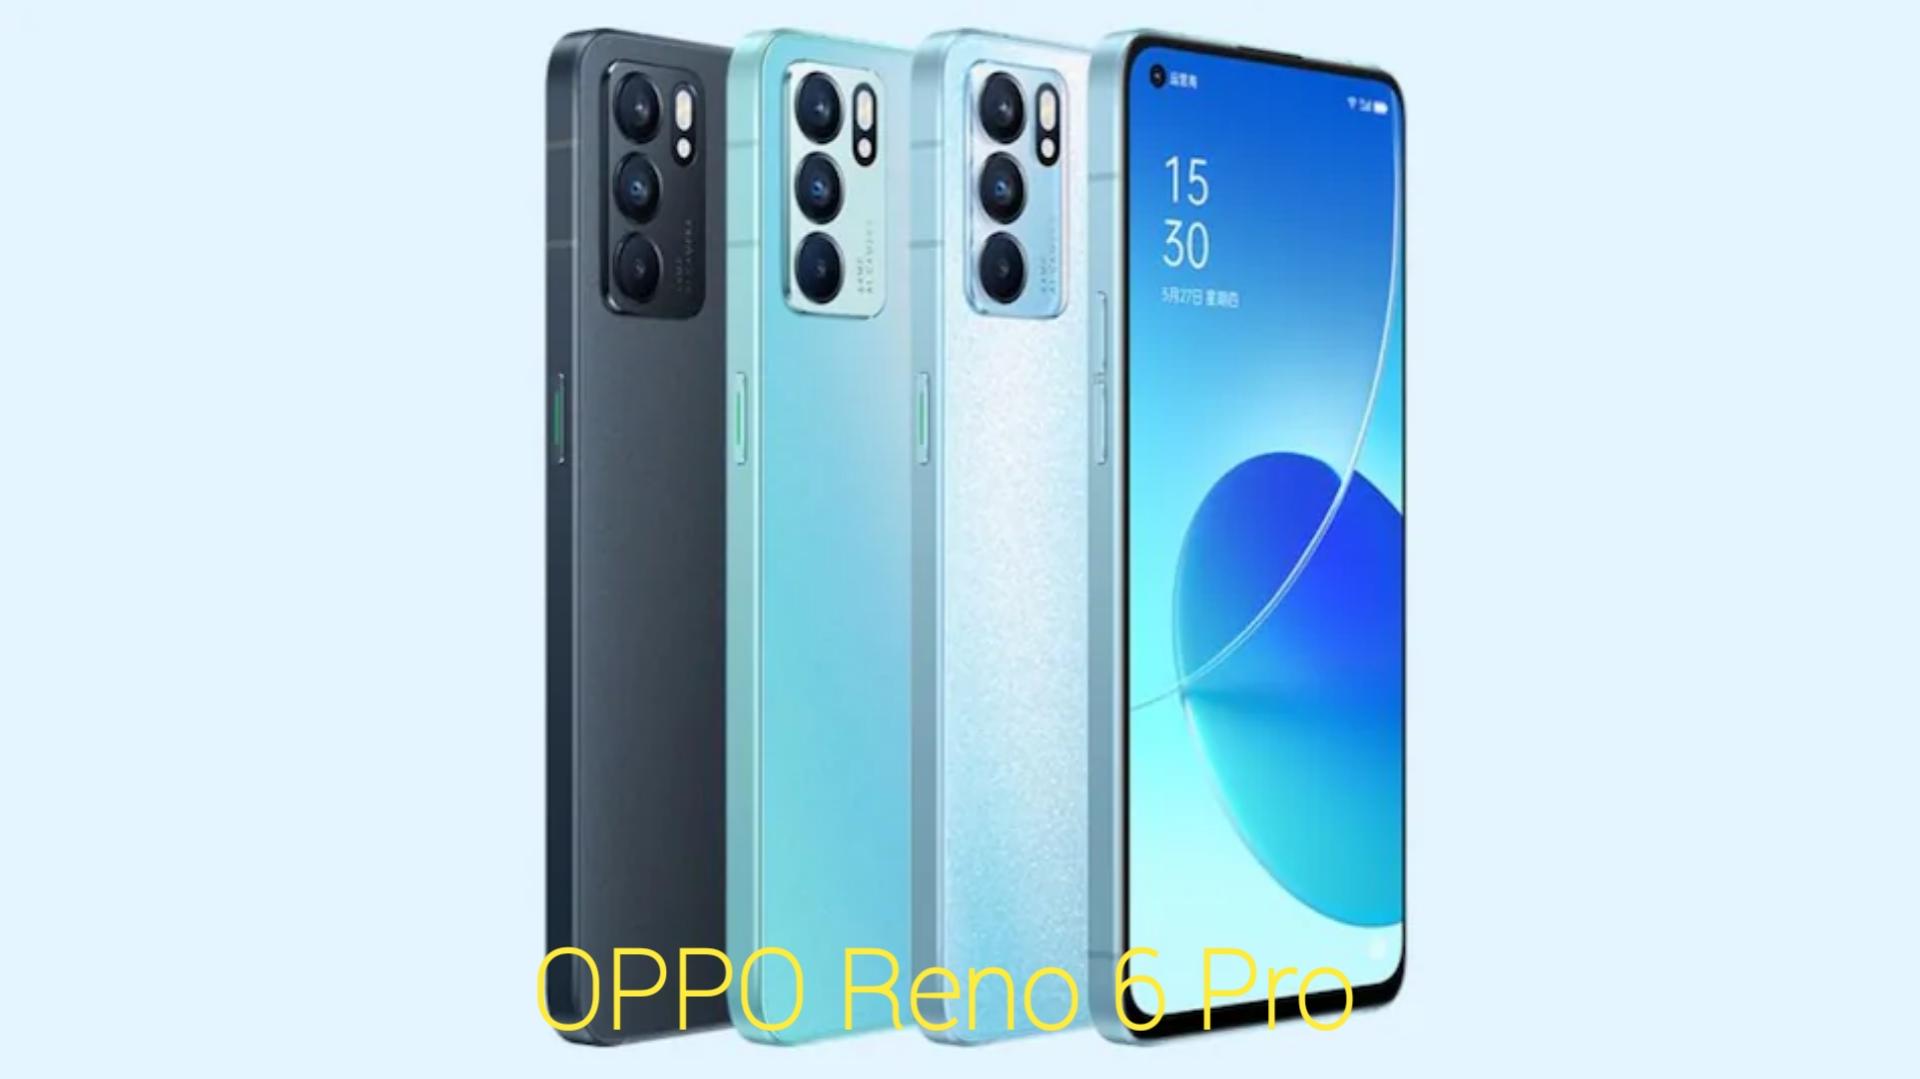 فيما يلي سنشرح لكم مواصفات وسعر هاتف اوبو رينو 6 برو Oppo Reno 6 Pro